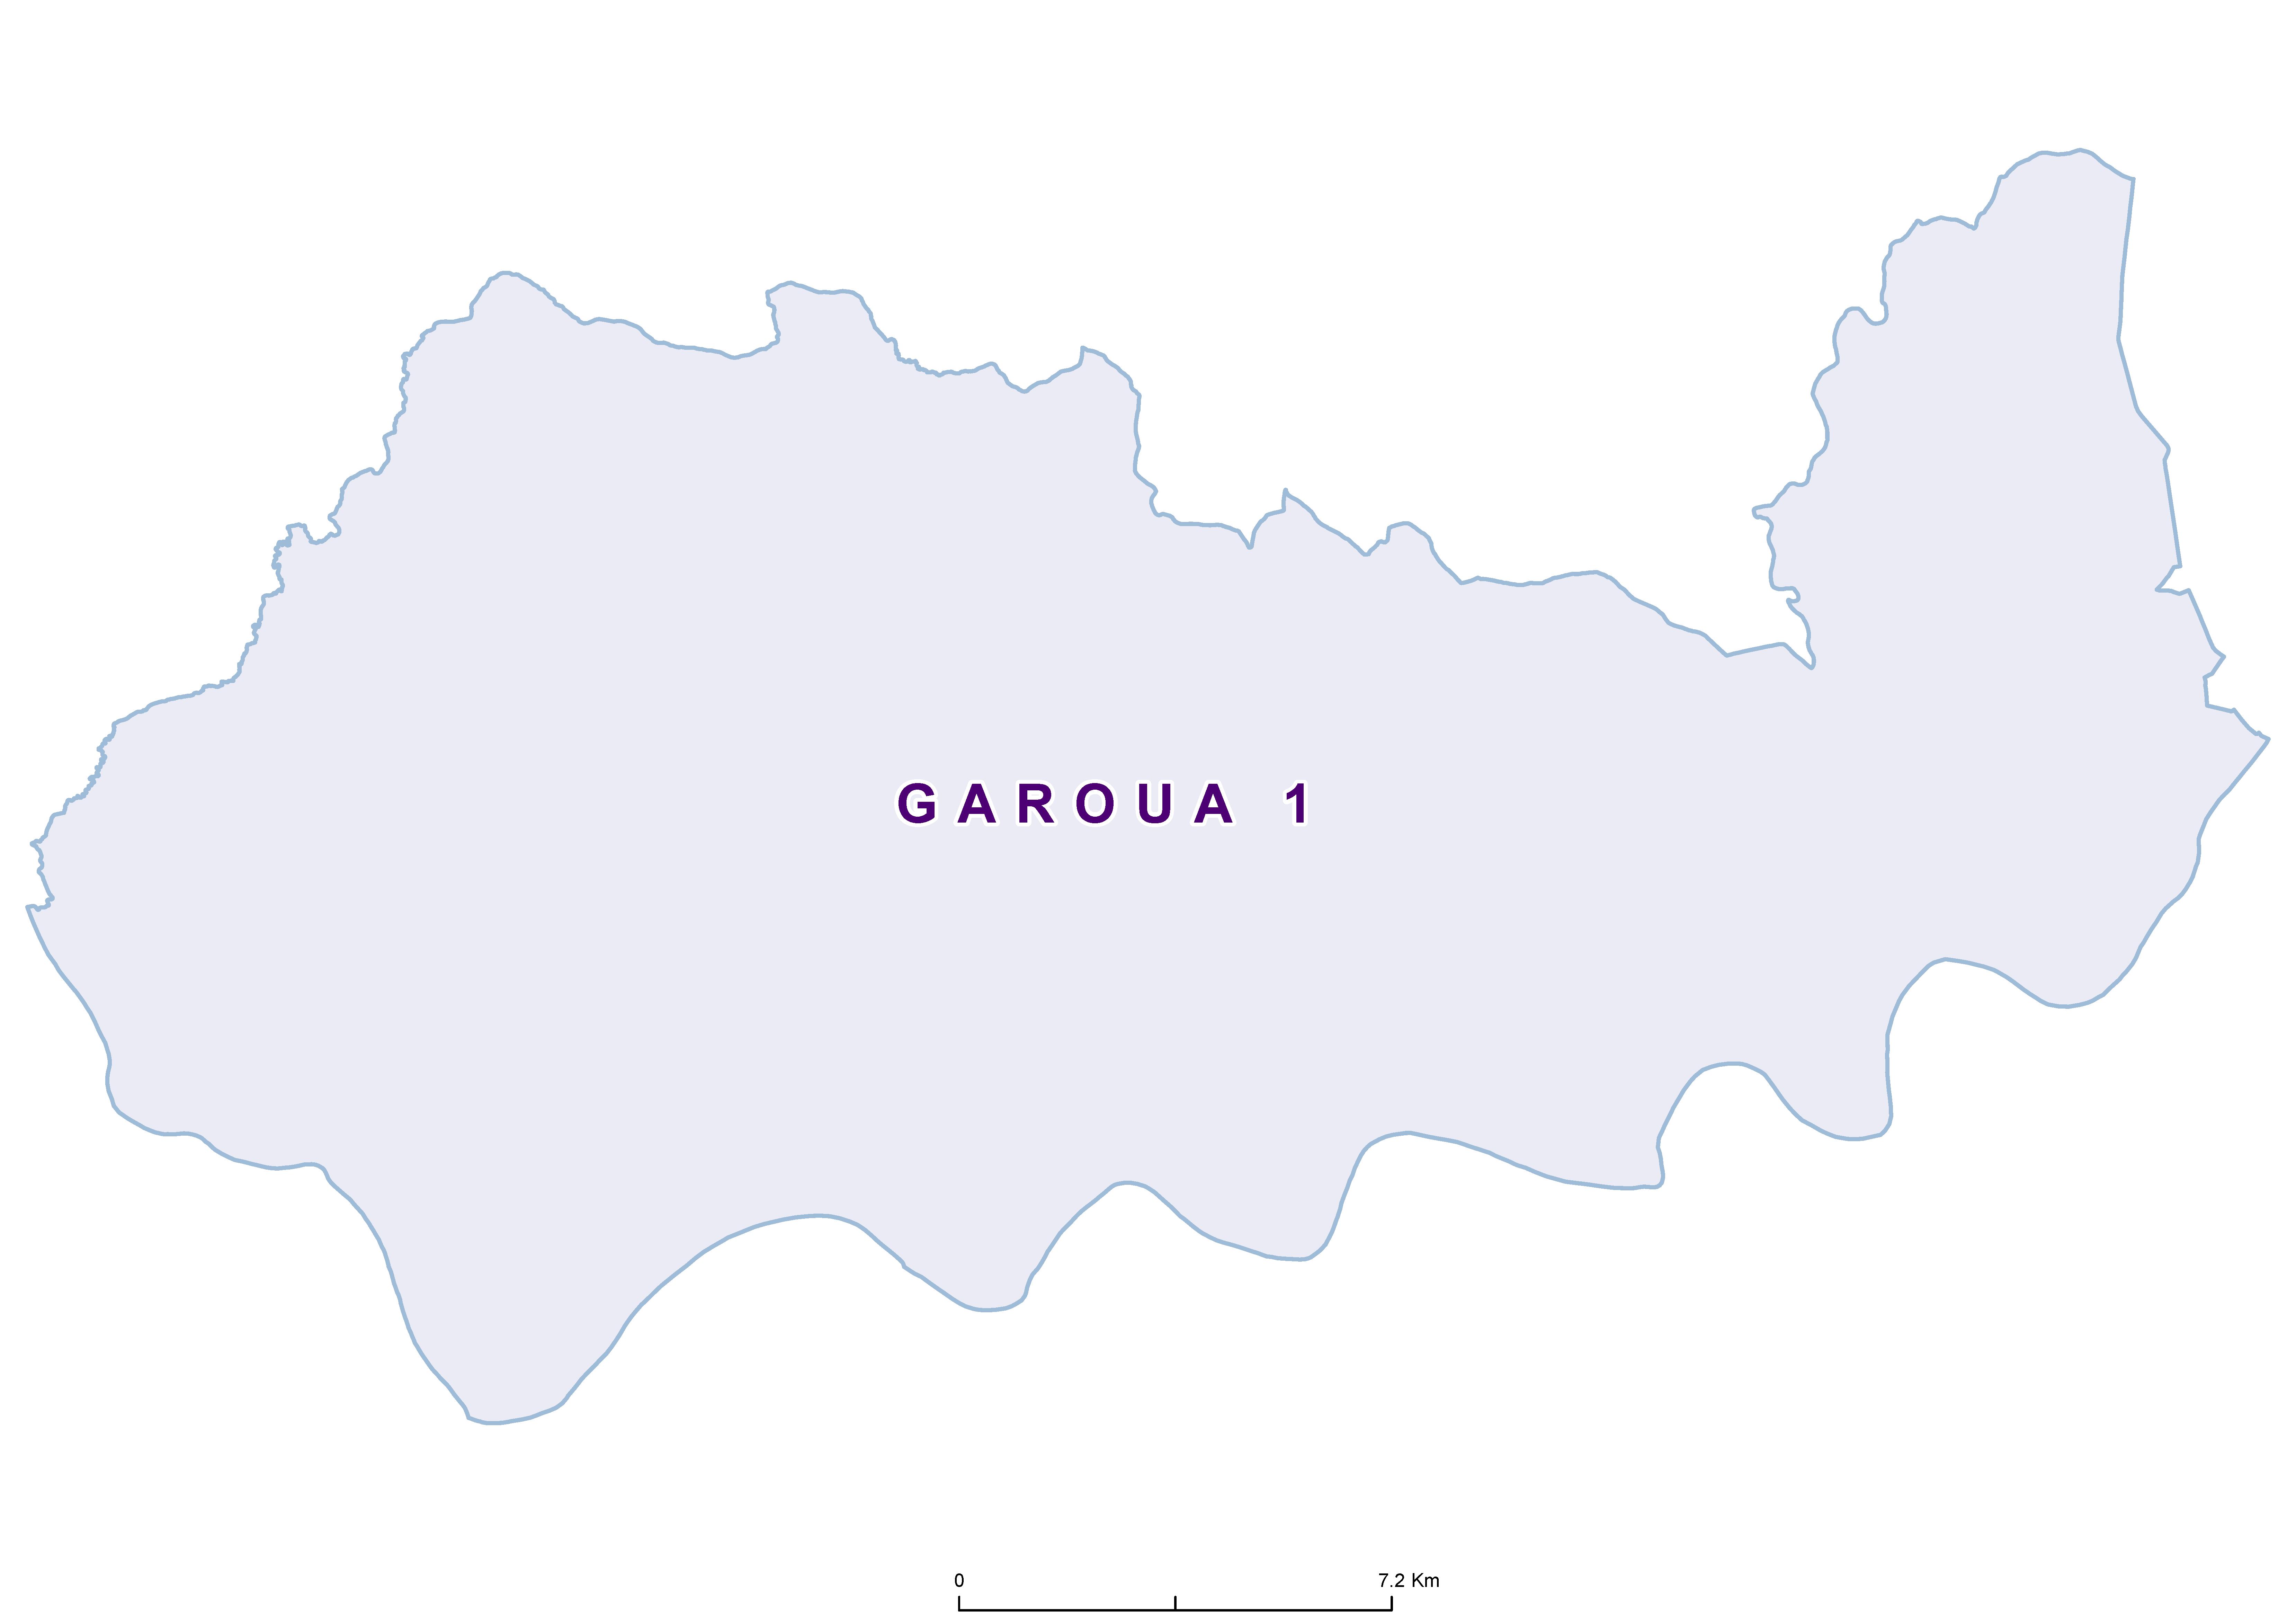 Garoua 1 Max SCH 19850001